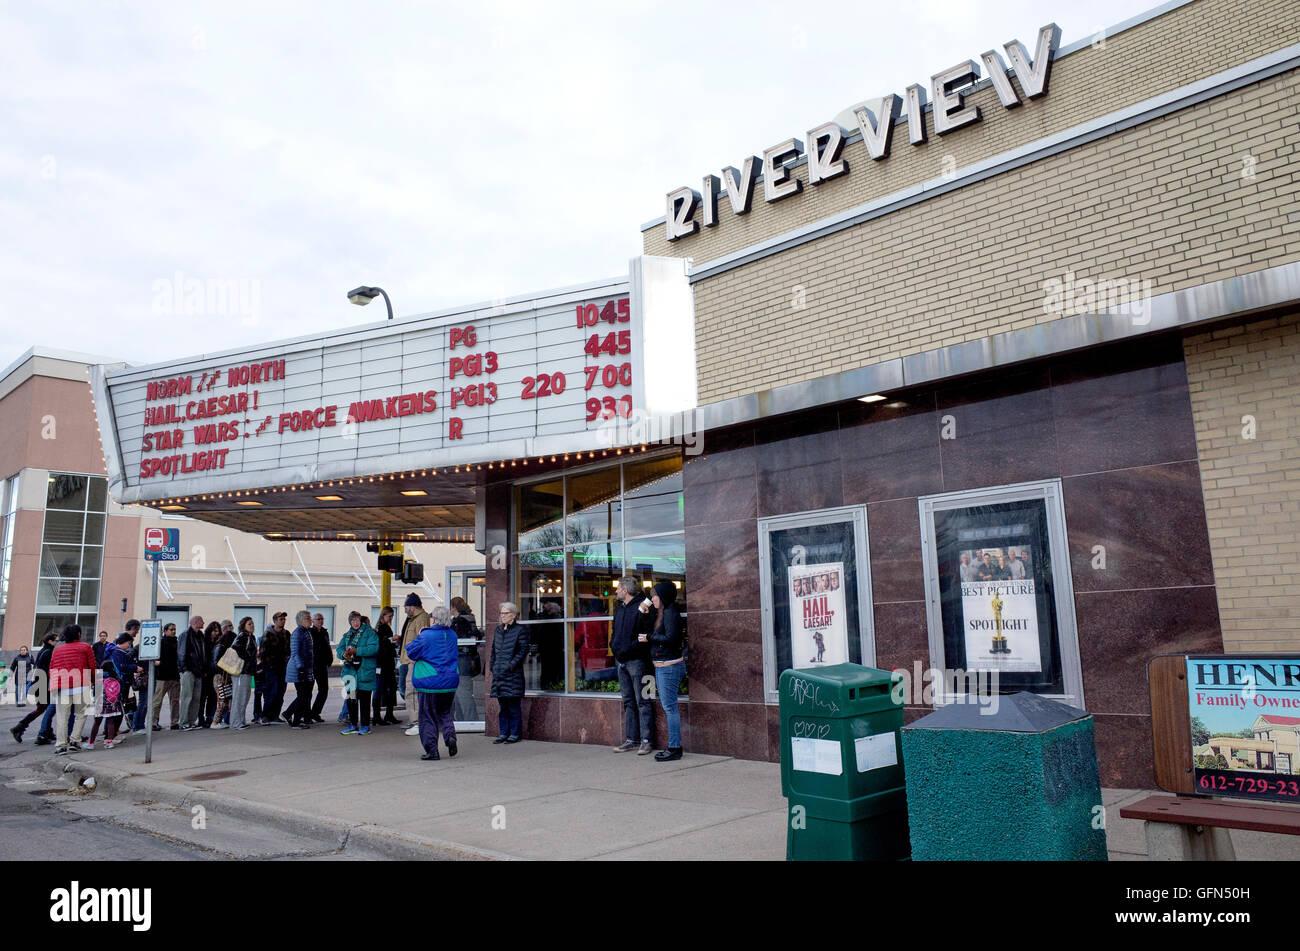 Gönner in der Schlange um die Star Wars-Film im Kino historischen Riverview anzuzeigen. St Paul Minnesota MN Stockbild